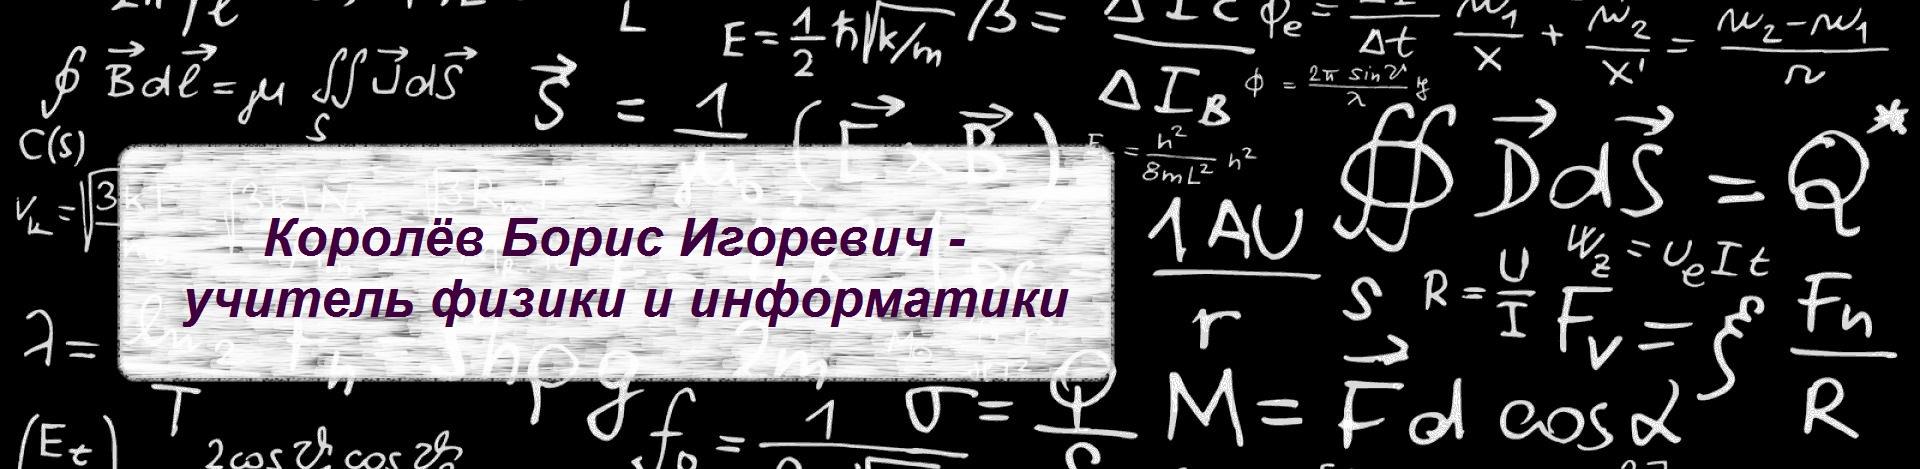 Королёв Борис Игоревич - учитель математики, физики и информатики